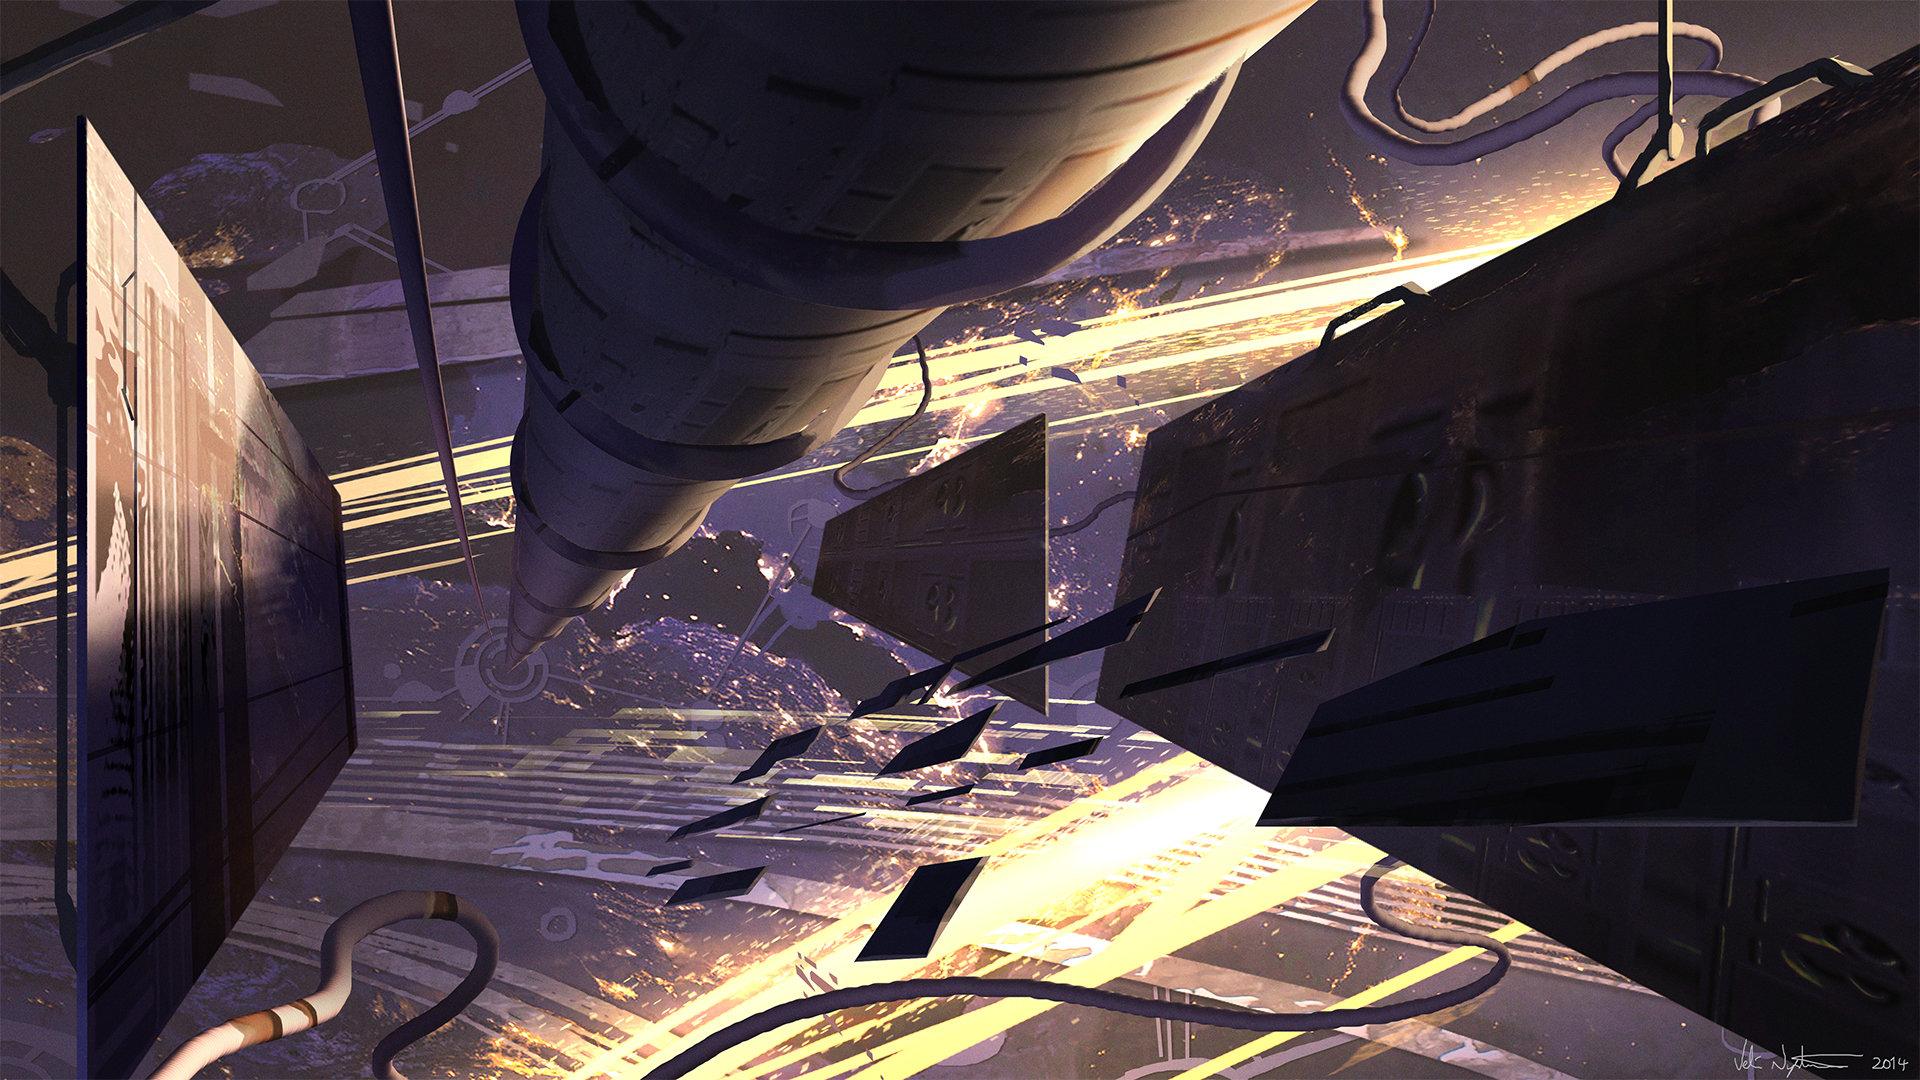 Veli nystrom scifienviro atmosphere